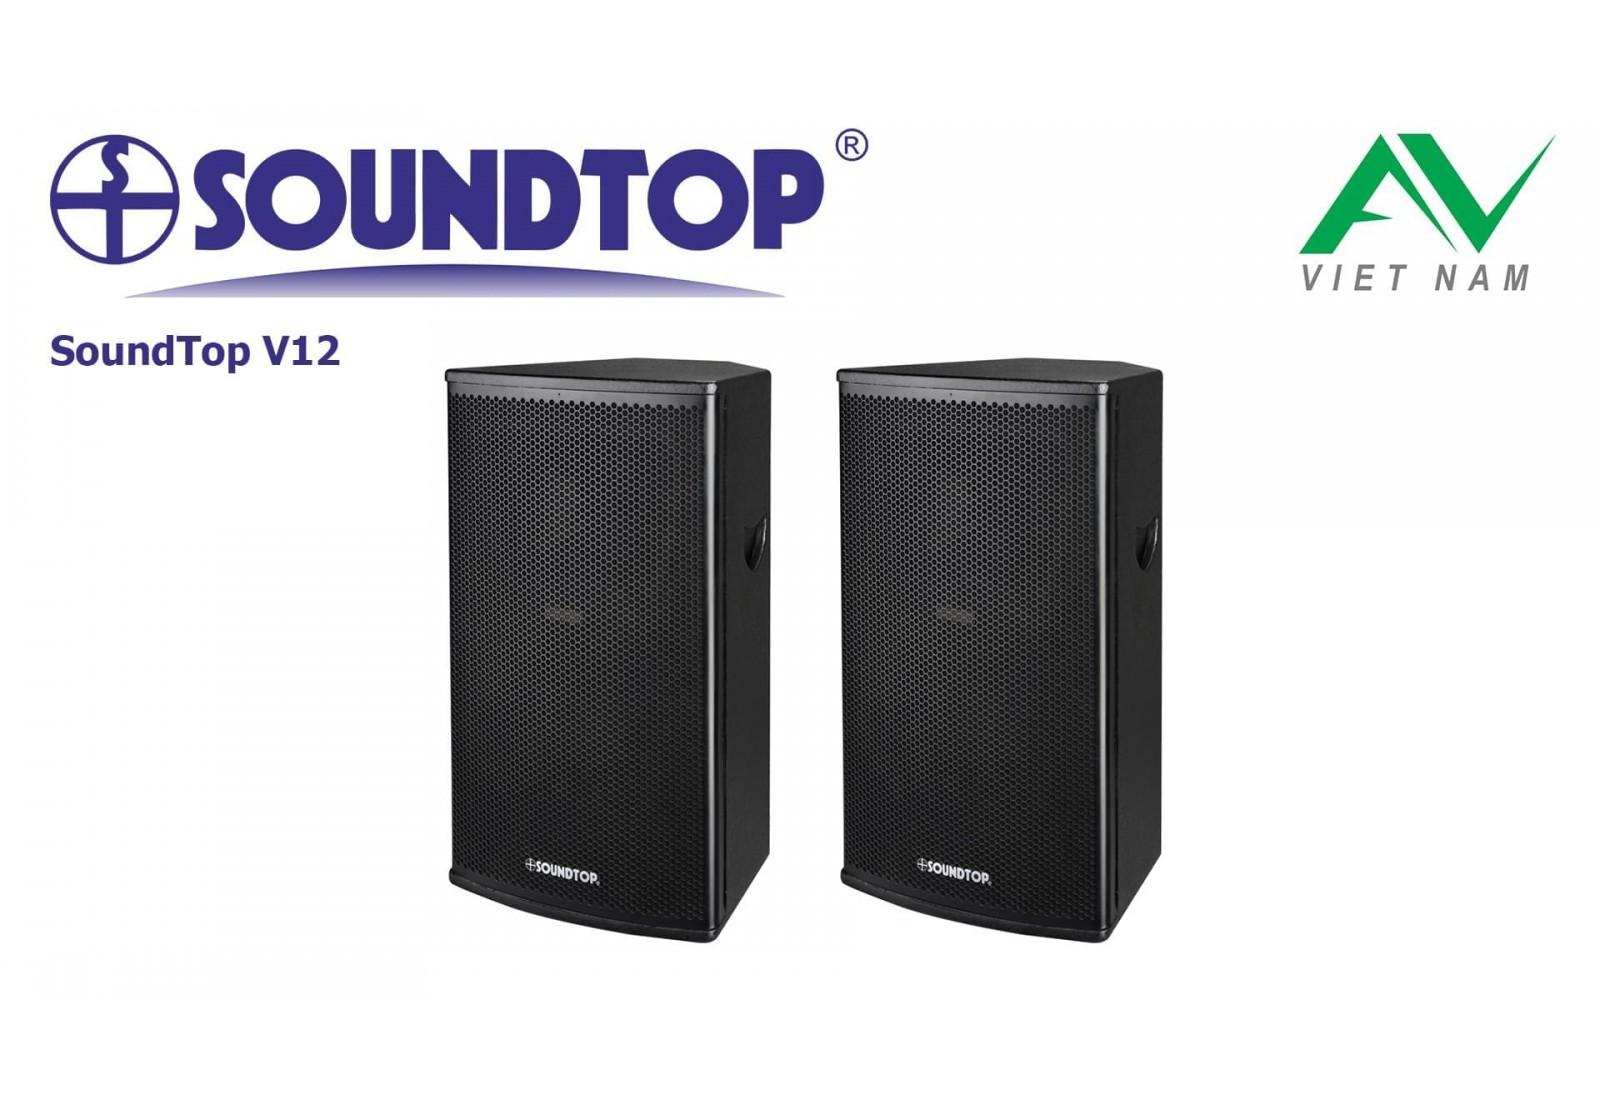 SoundTop V12